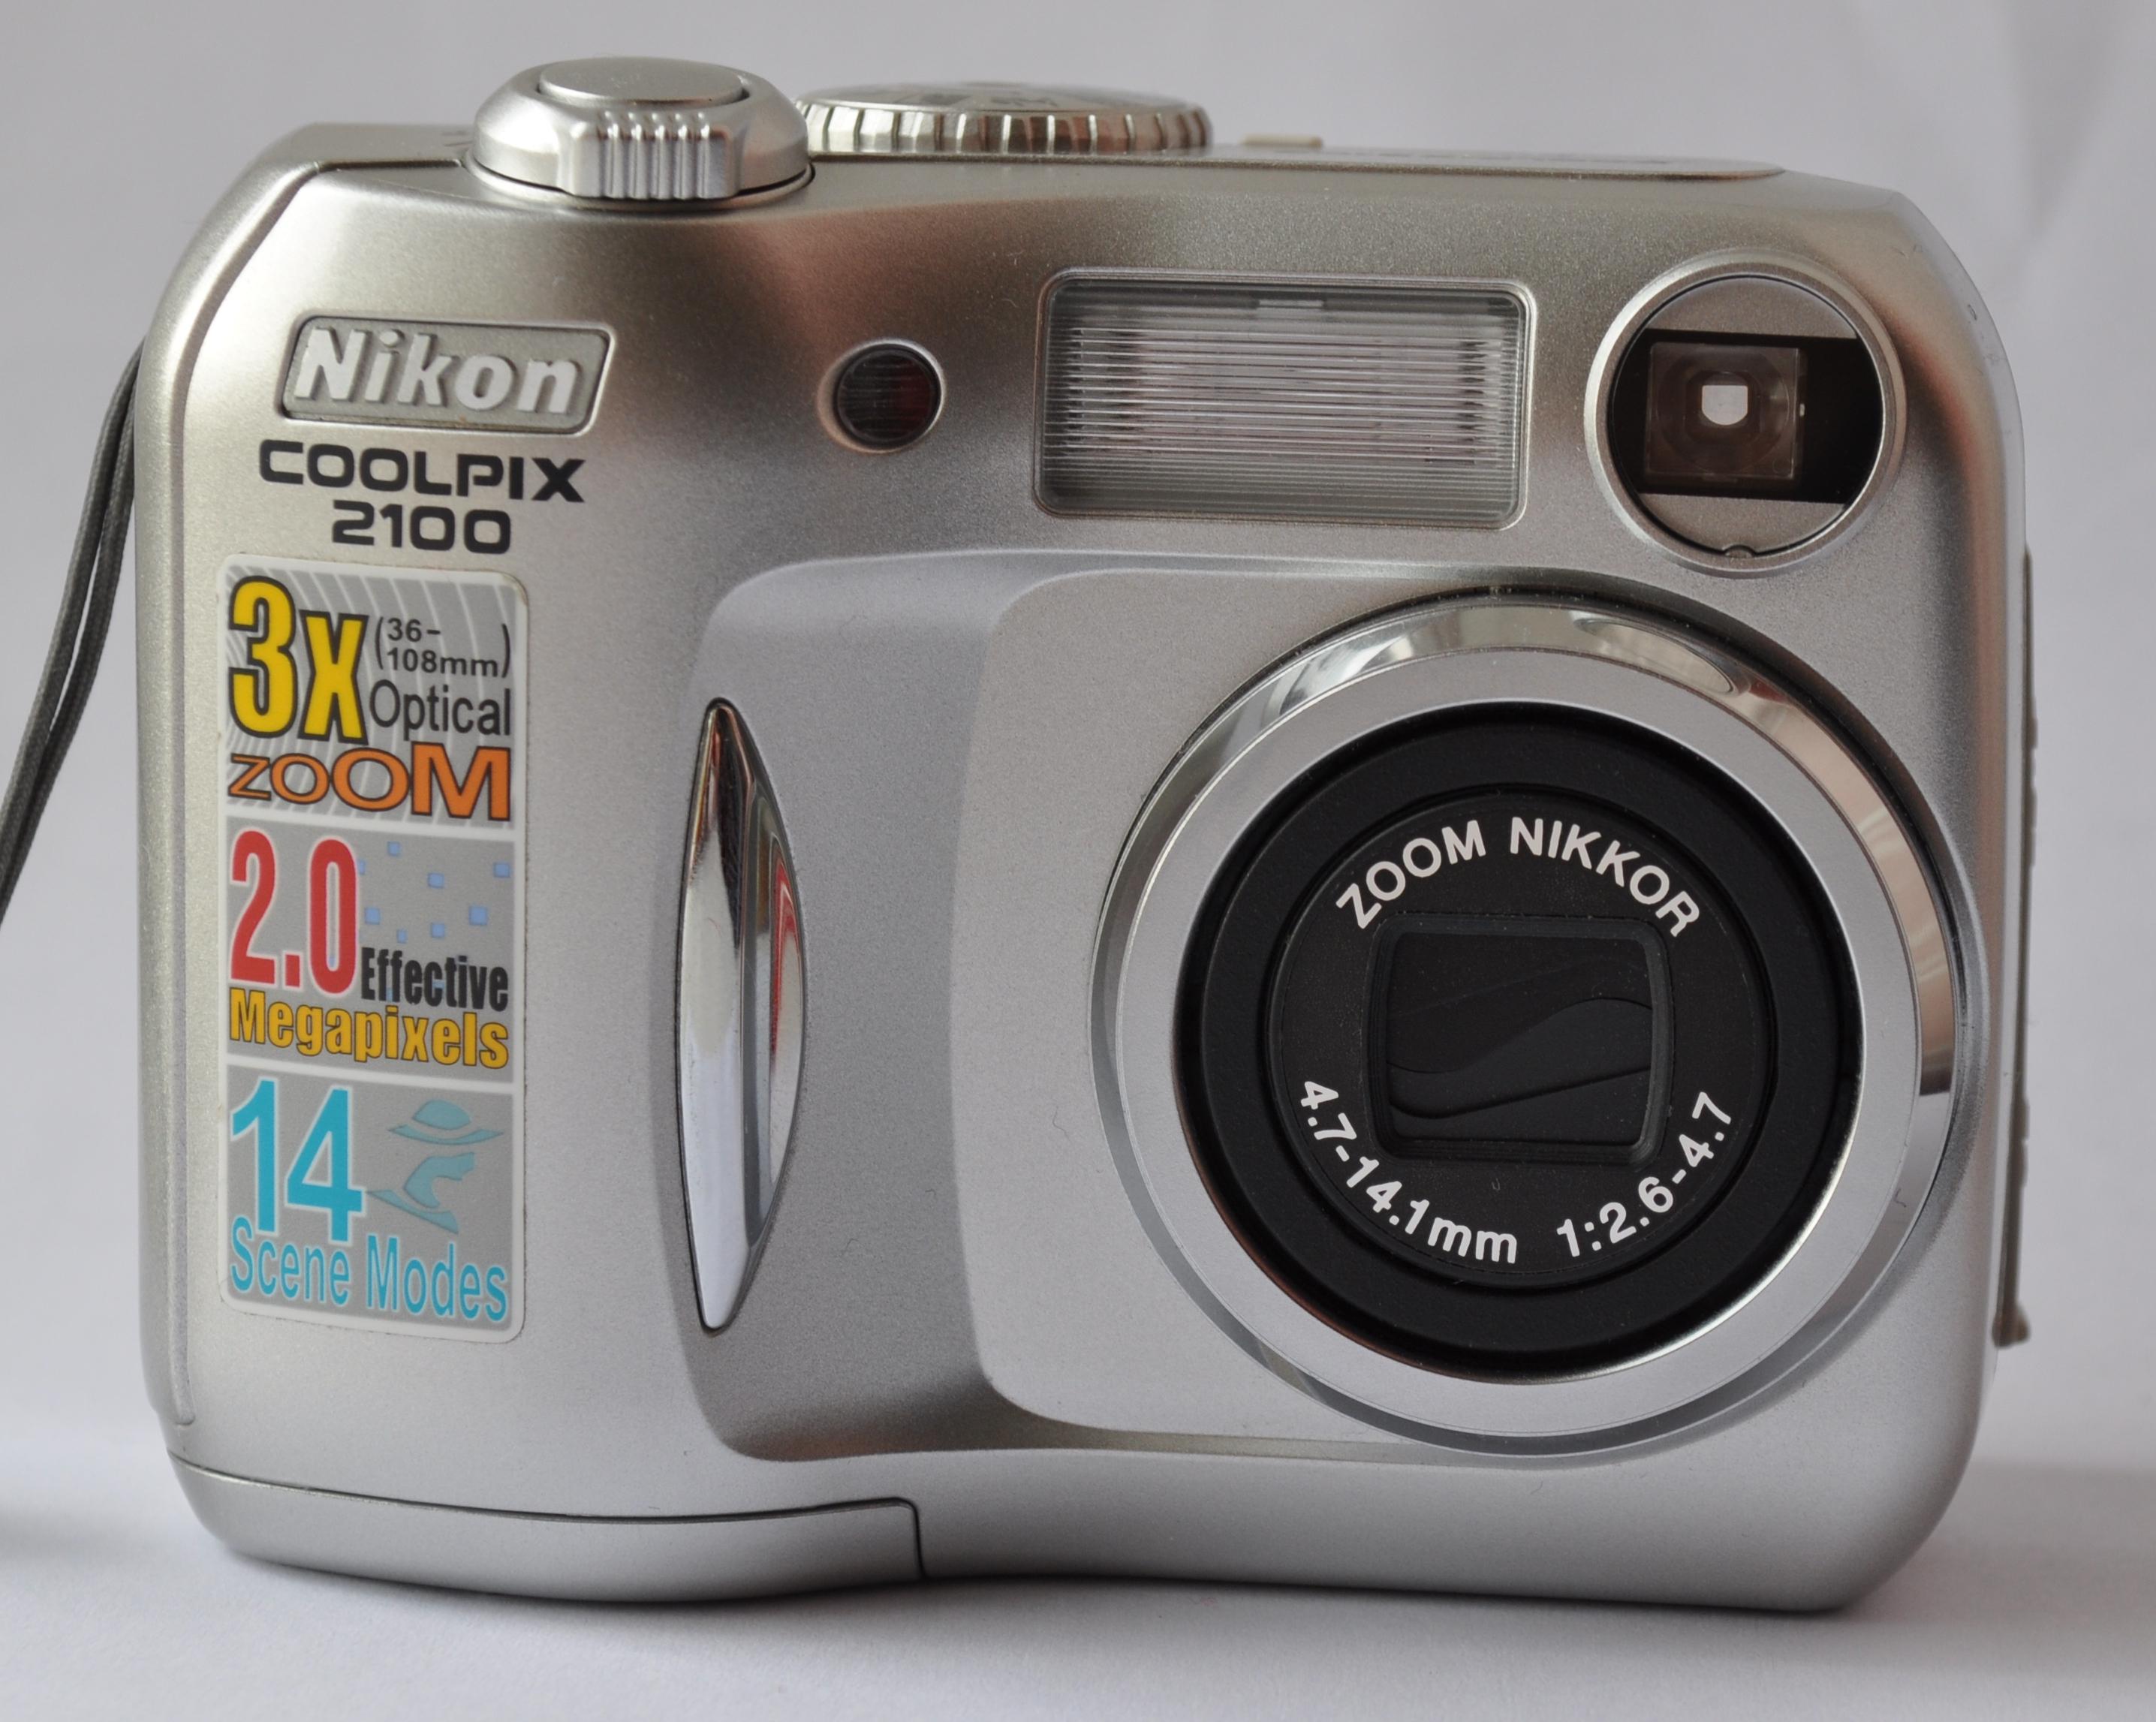 nikon coolpix 2100 service repair manual digitalrepairmanuals rh digitalrepairmanuals info nikon coolpix s3100 manual uk nikon coolpix s3100 manual uk